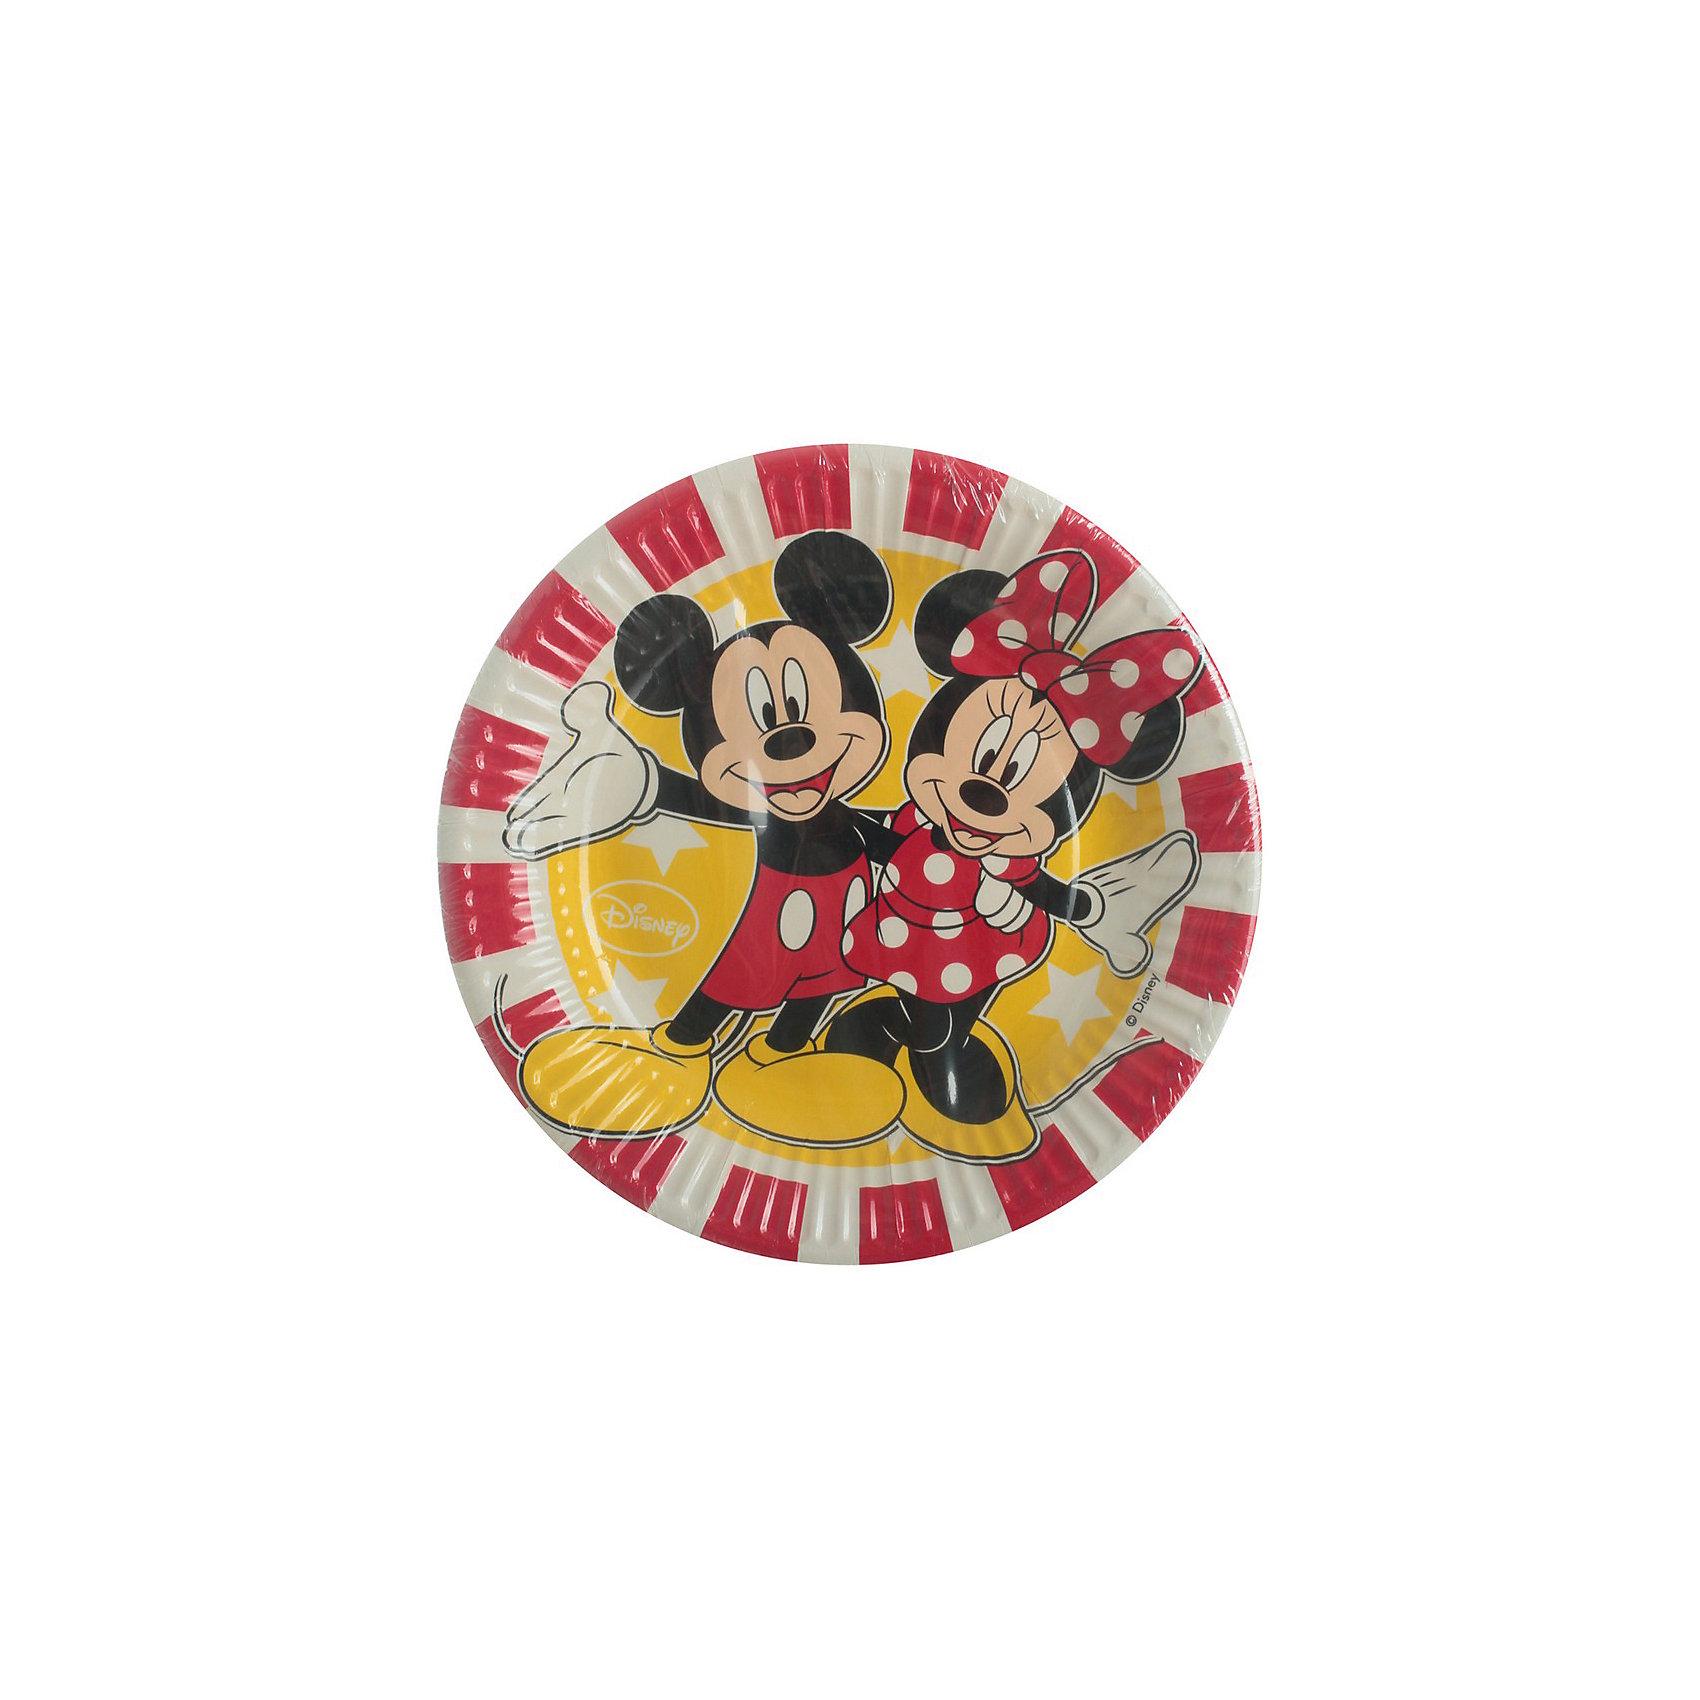 Тарелки Дисней «Микки и Минни»Всё для праздника<br>Характеристики товара:<br><br>• возраст: от 3 лет;<br>• упаковка: пакет;<br>• размер упаковки: 19х19х2 см.;<br>• количество тарелок: 8 шт.;<br>• размер тарелки: 20 см.;<br>• цвет: красный и белый;<br>• материал: картон;<br>• бренд, страна: Procos, Россия;<br>• страна-производитель: Греция.<br><br>Тарелки  «Микки и Минни» с изображением веселых персонажей Дисней Микки и Минни в яркой одежде помогут не только оригинально и необычно украсить праздничный стол и создать незабываемую атмосферу праздника, но и обезопасят вас и ваших детей от разбитой посуды. <br><br>Тарелки сделаны из качественных материалов, не токсичны, противоаллергенны и безопасны для здоровья.<br><br>Тарелки  «Микки и Мини» , 20 см., 8 шт., Procos (Прокос)  можно купить в нашем интернет-магазине.<br><br>Ширина мм: 20<br>Глубина мм: 195<br>Высота мм: 195<br>Вес г: 15<br>Возраст от месяцев: 36<br>Возраст до месяцев: 120<br>Пол: Унисекс<br>Возраст: Детский<br>SKU: 6914354